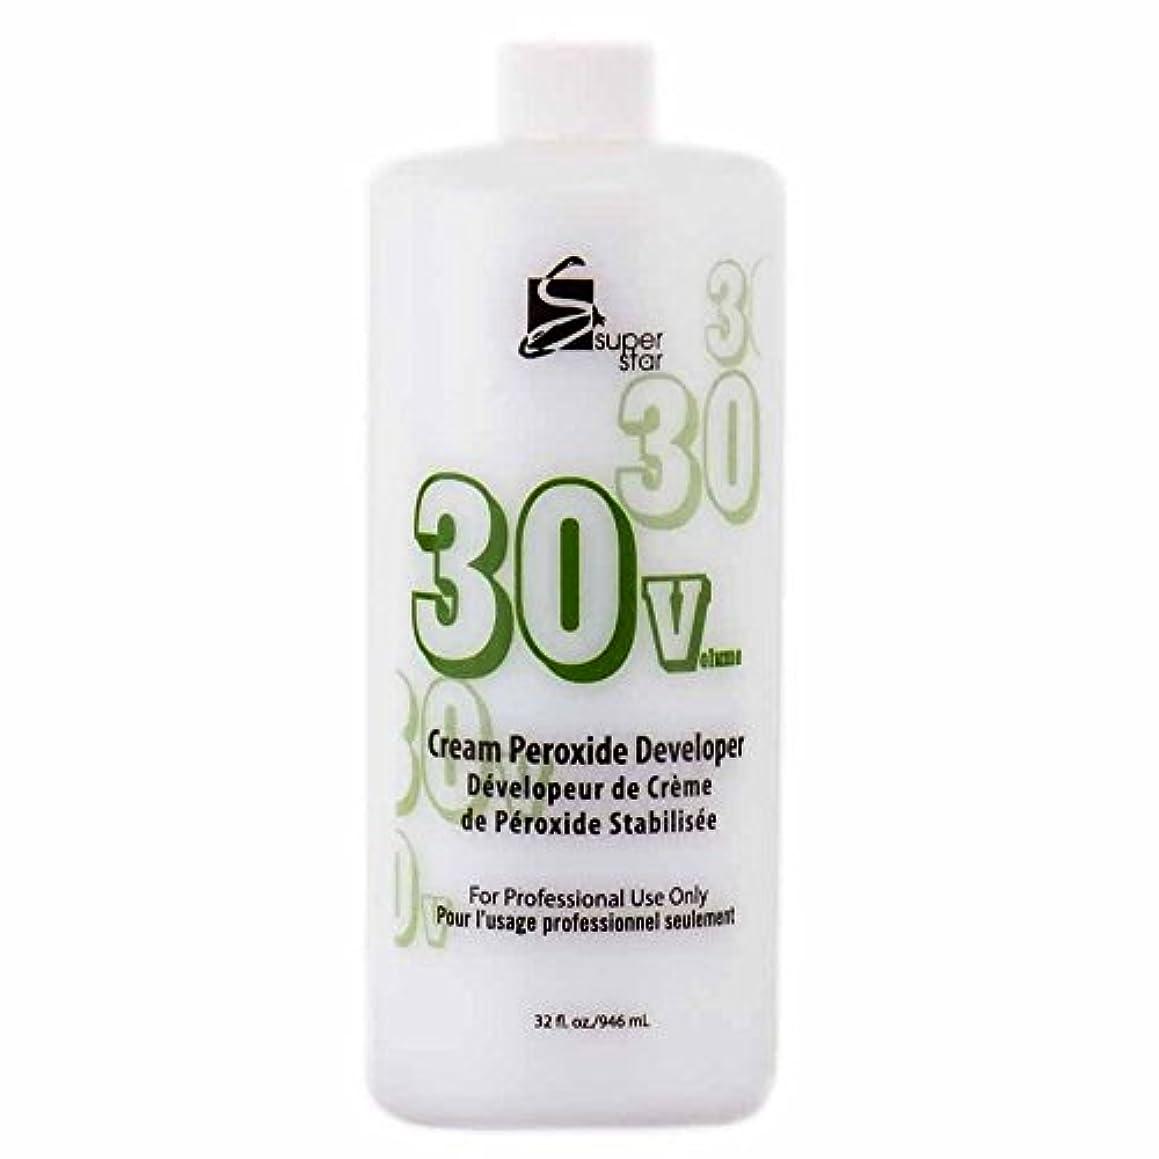 利得現実にはナラーバーSUPER STAR Stabilized Cream Peroxide Developer 30V HC-50303 by Superstar